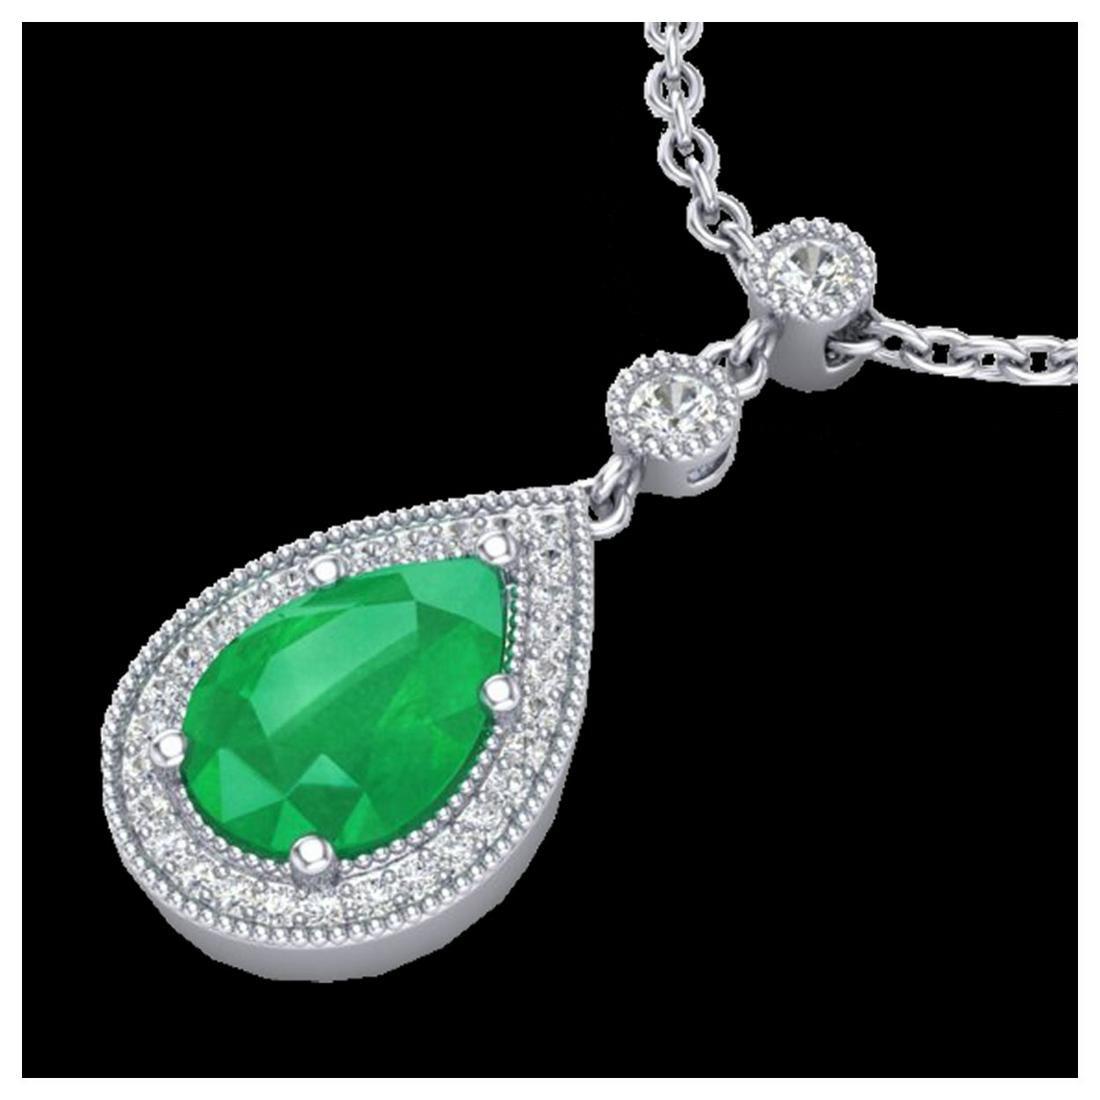 2.75 ctw Emerald & VS/SI Diamond Necklace 18K White